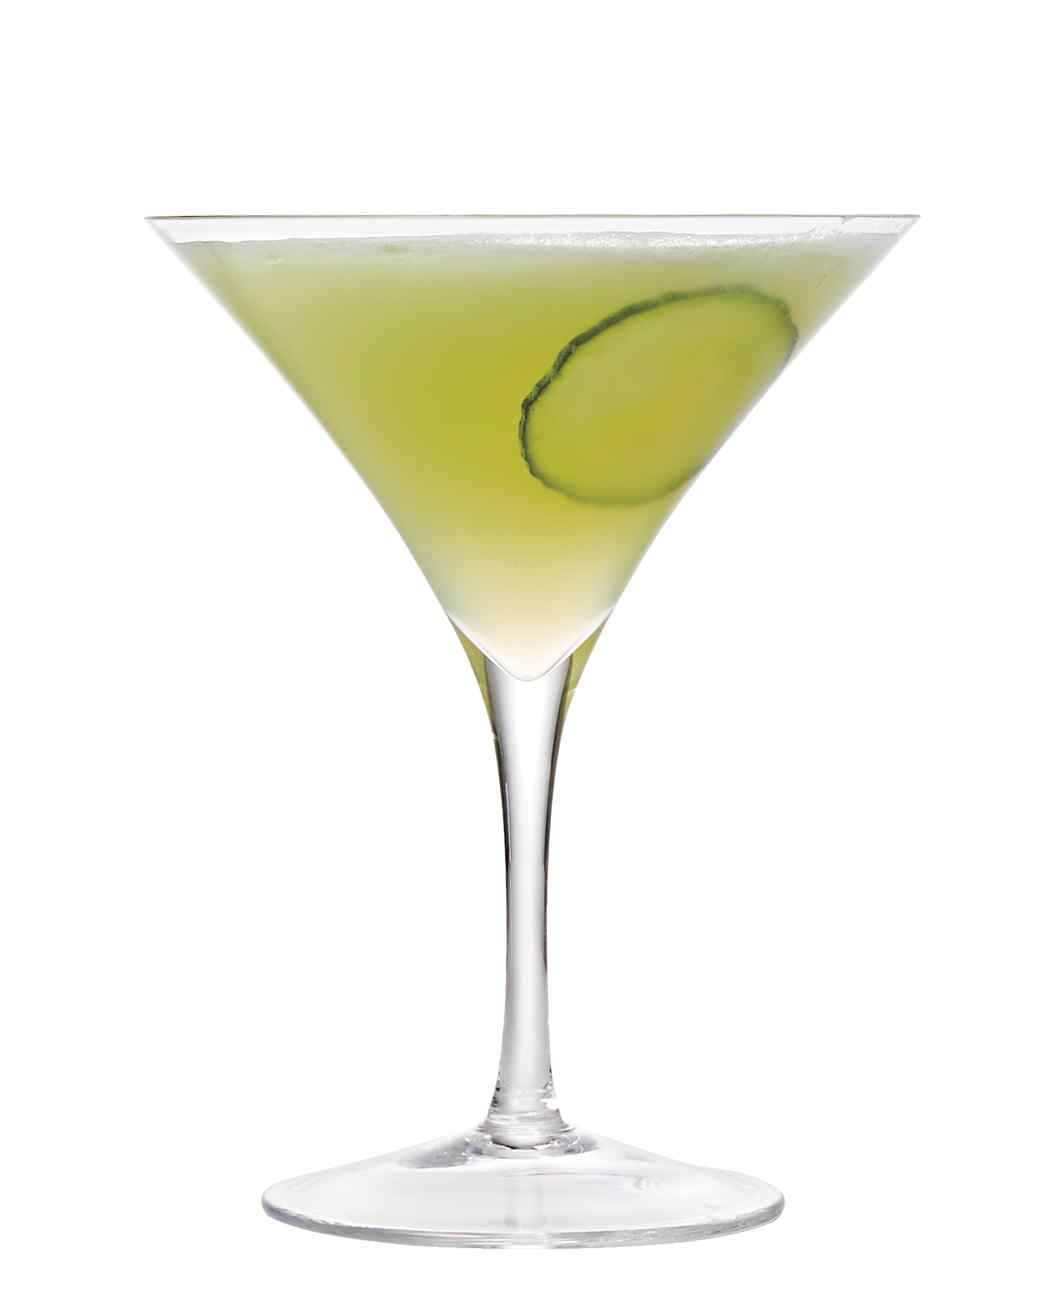 cucumber-martini-140-d111059.jpg